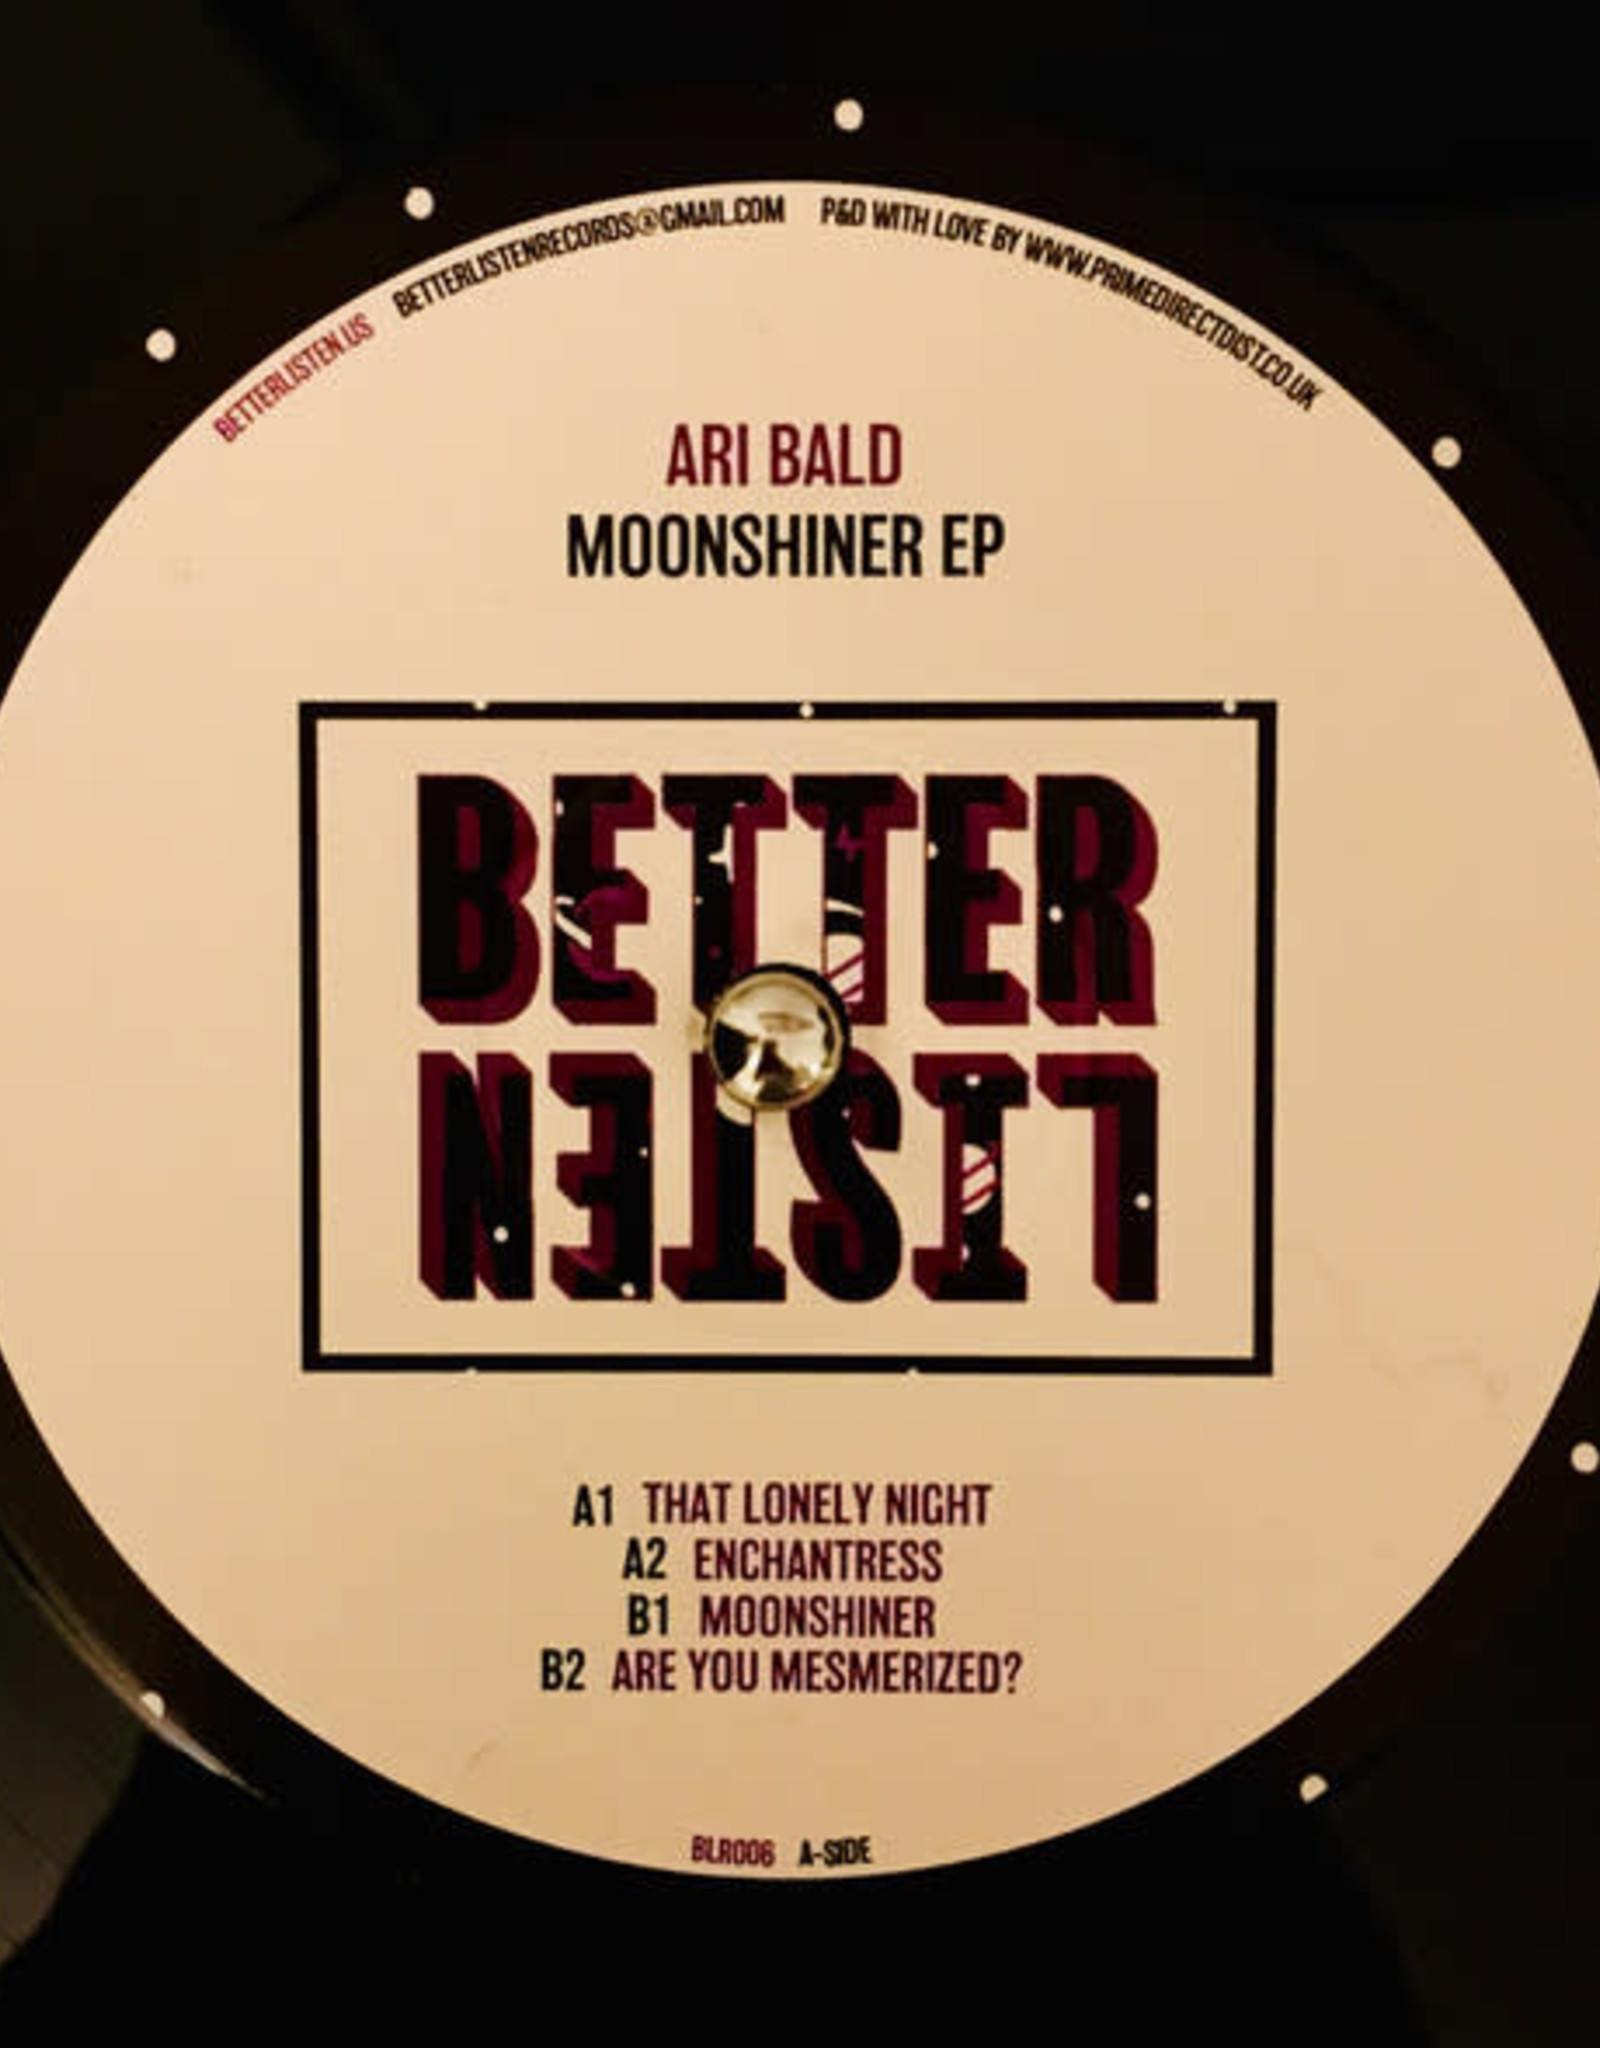 """Better Listen 6 - Ari Bald - Moonshiner Ep (12"""", Ep)"""